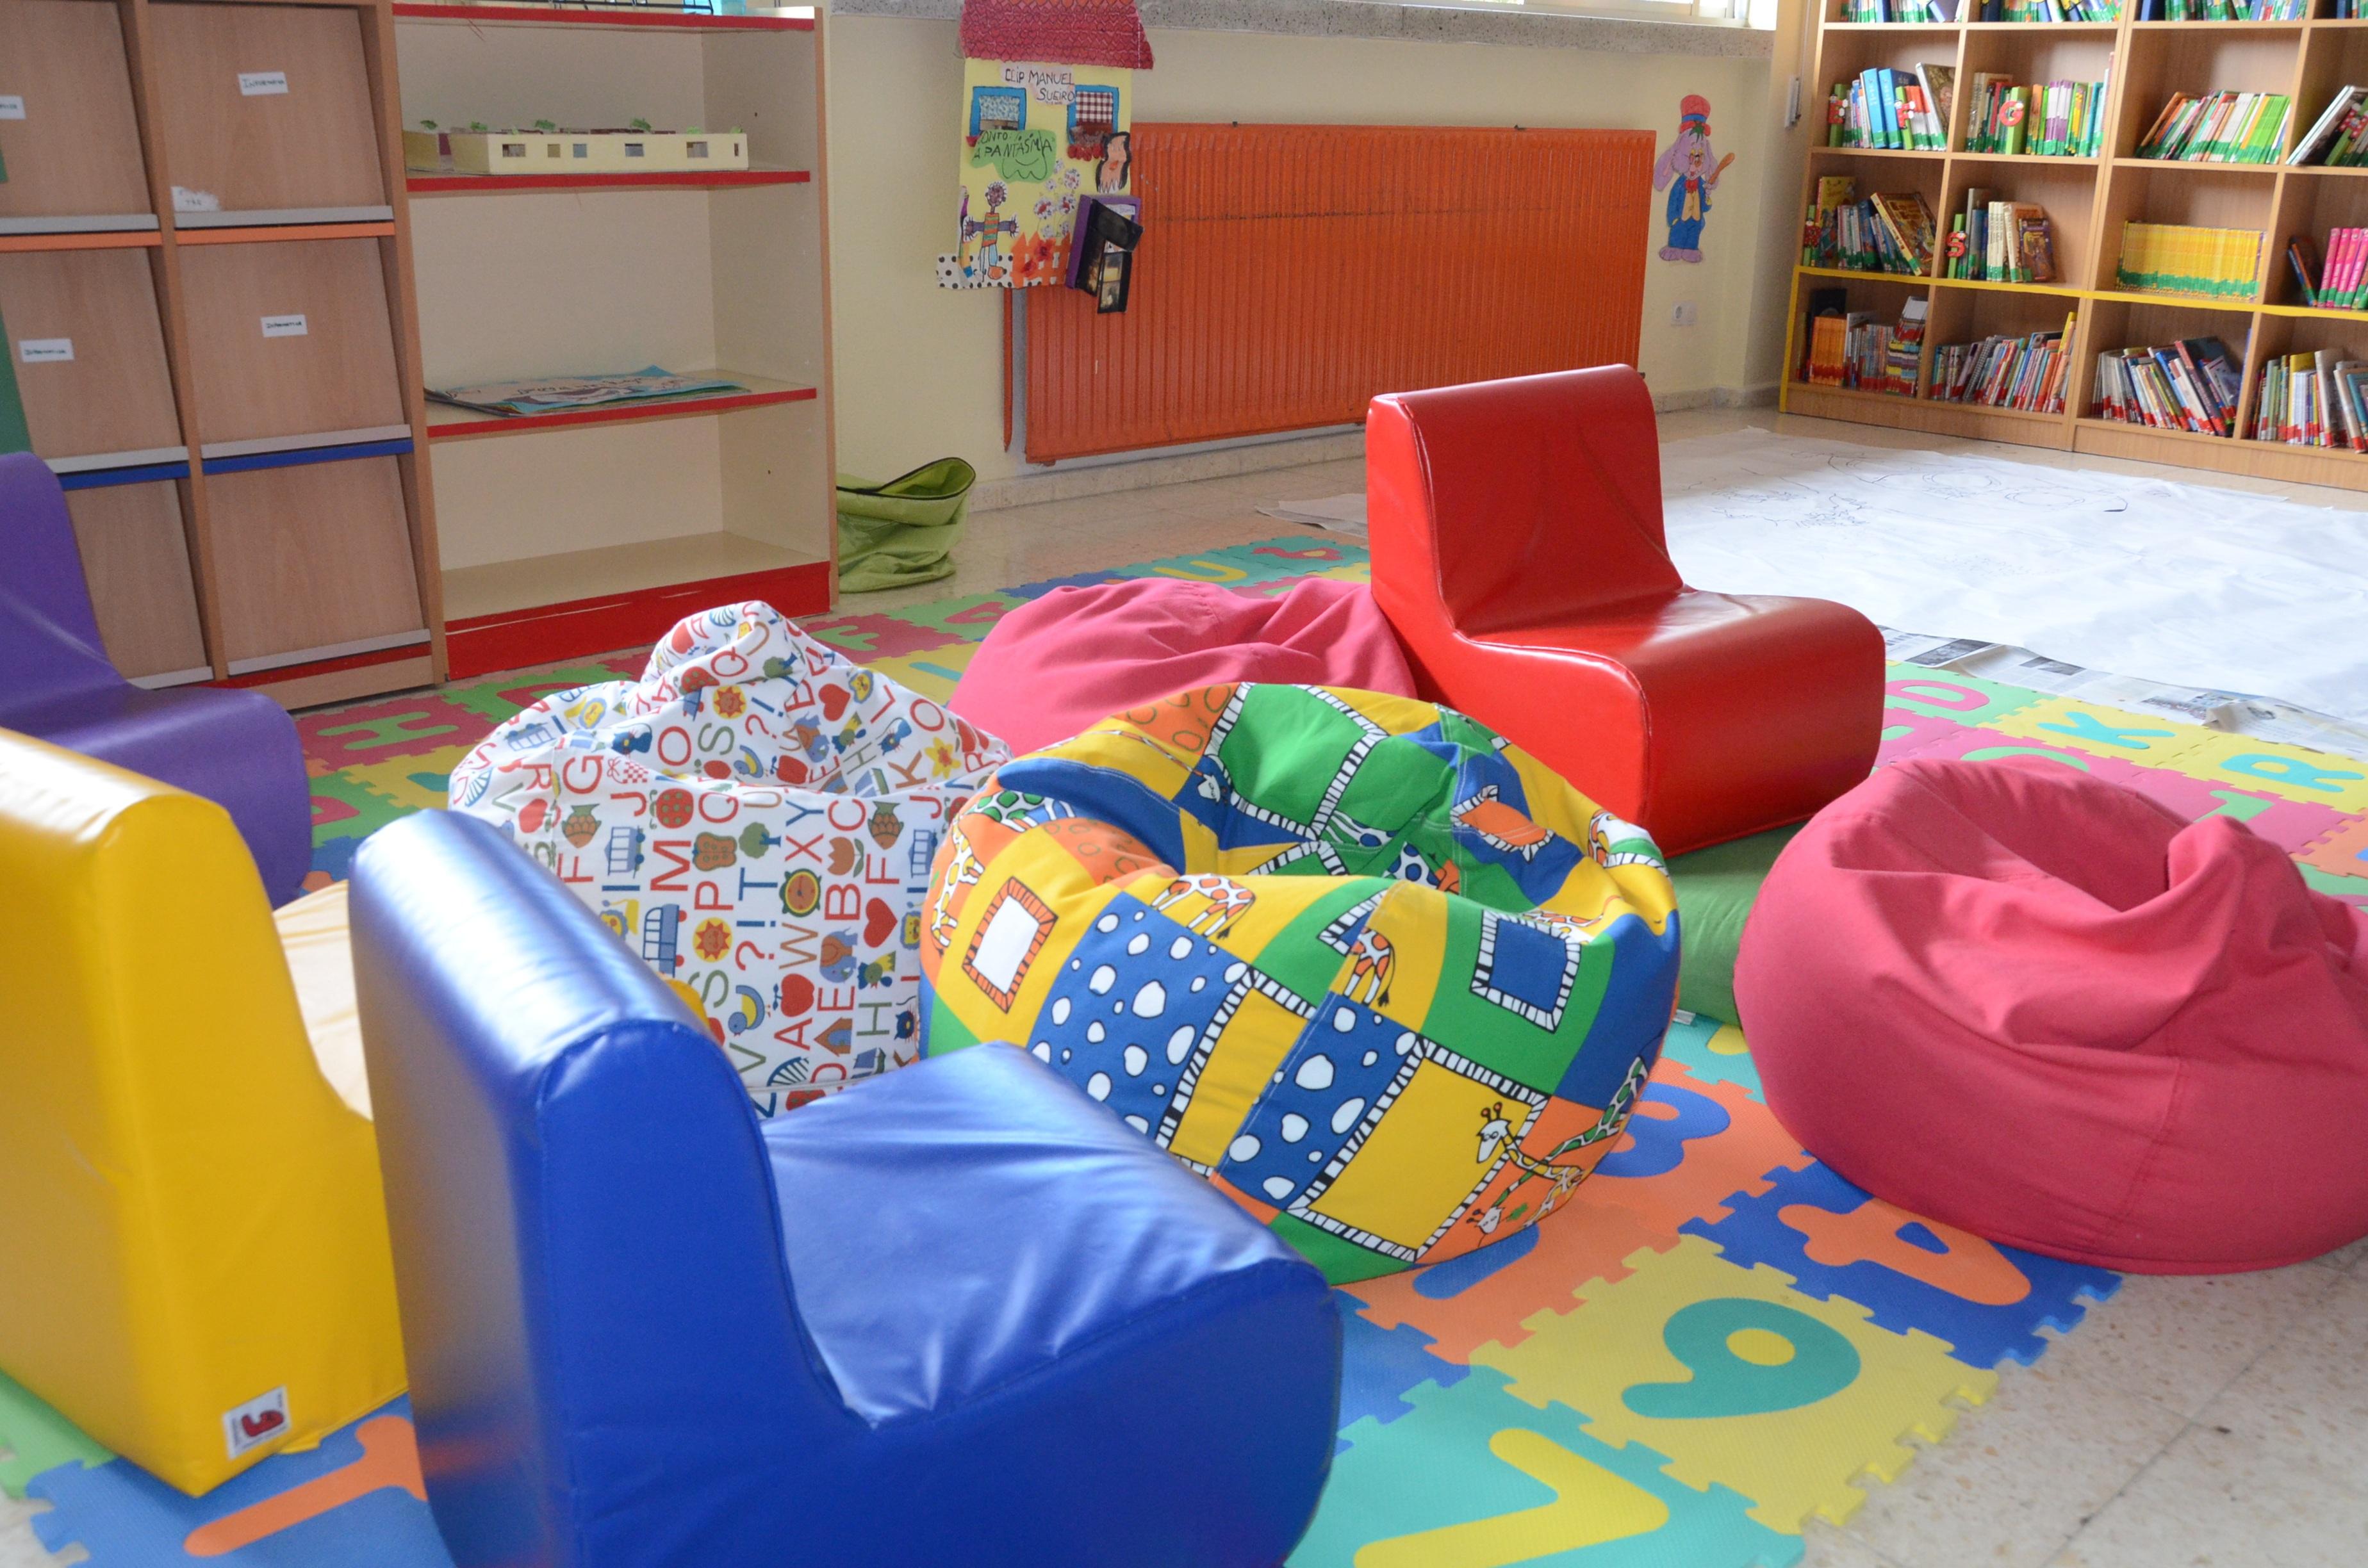 Fotos gratis : jugar, mueble, habitación, juguete, aula, biblioteca ...